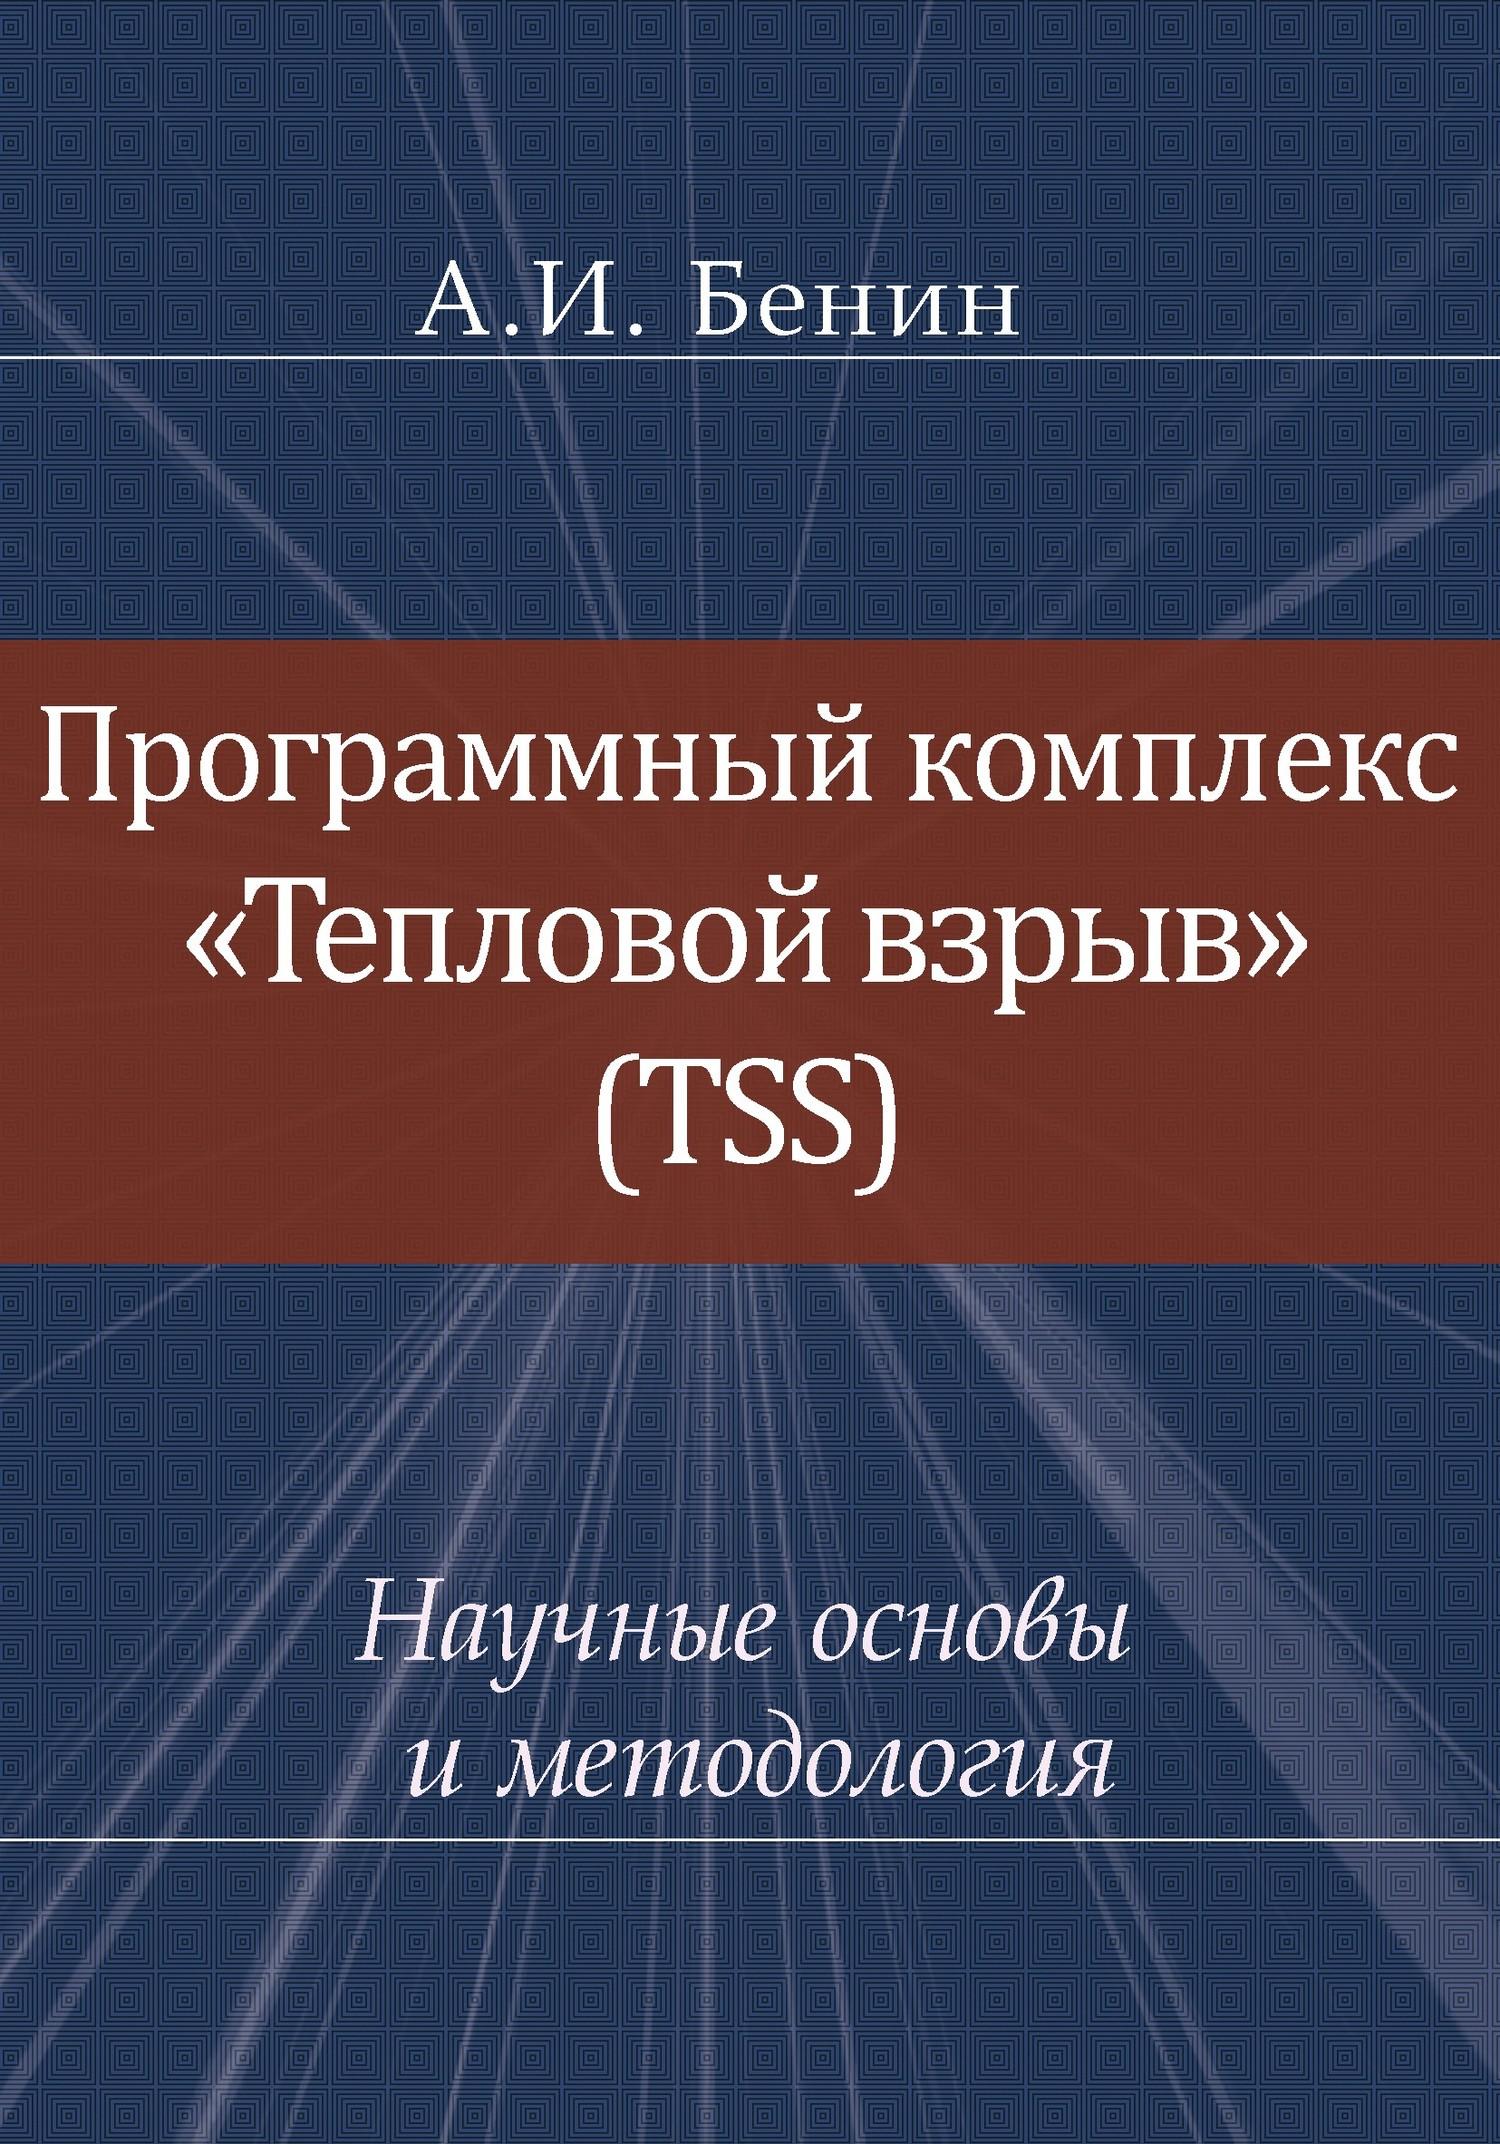 Обложка книги Программный комплекс «Тепловой взрыв« (TSS). Научные основы и методология, автор А. И. Бенин